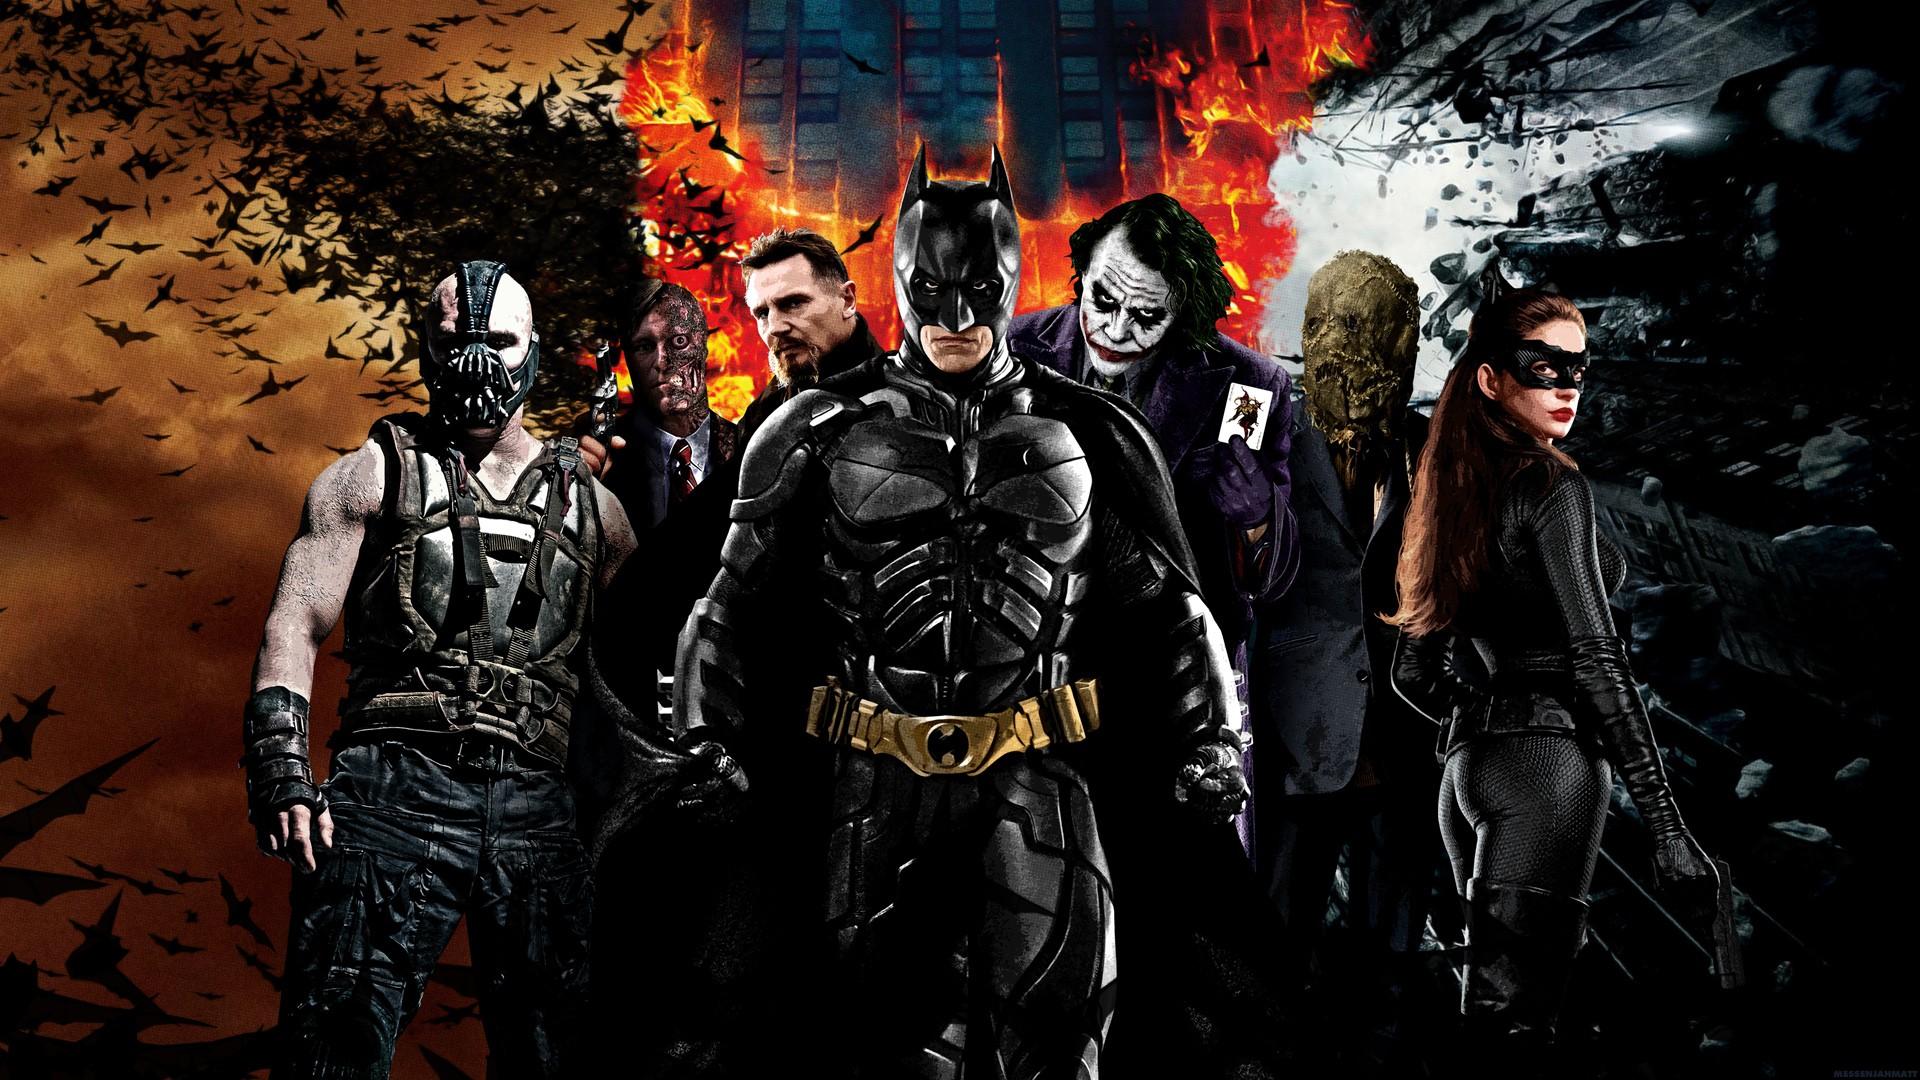 Batman Movies Avatar HD wallpapers   Batman Movies Avatar 1920x1080